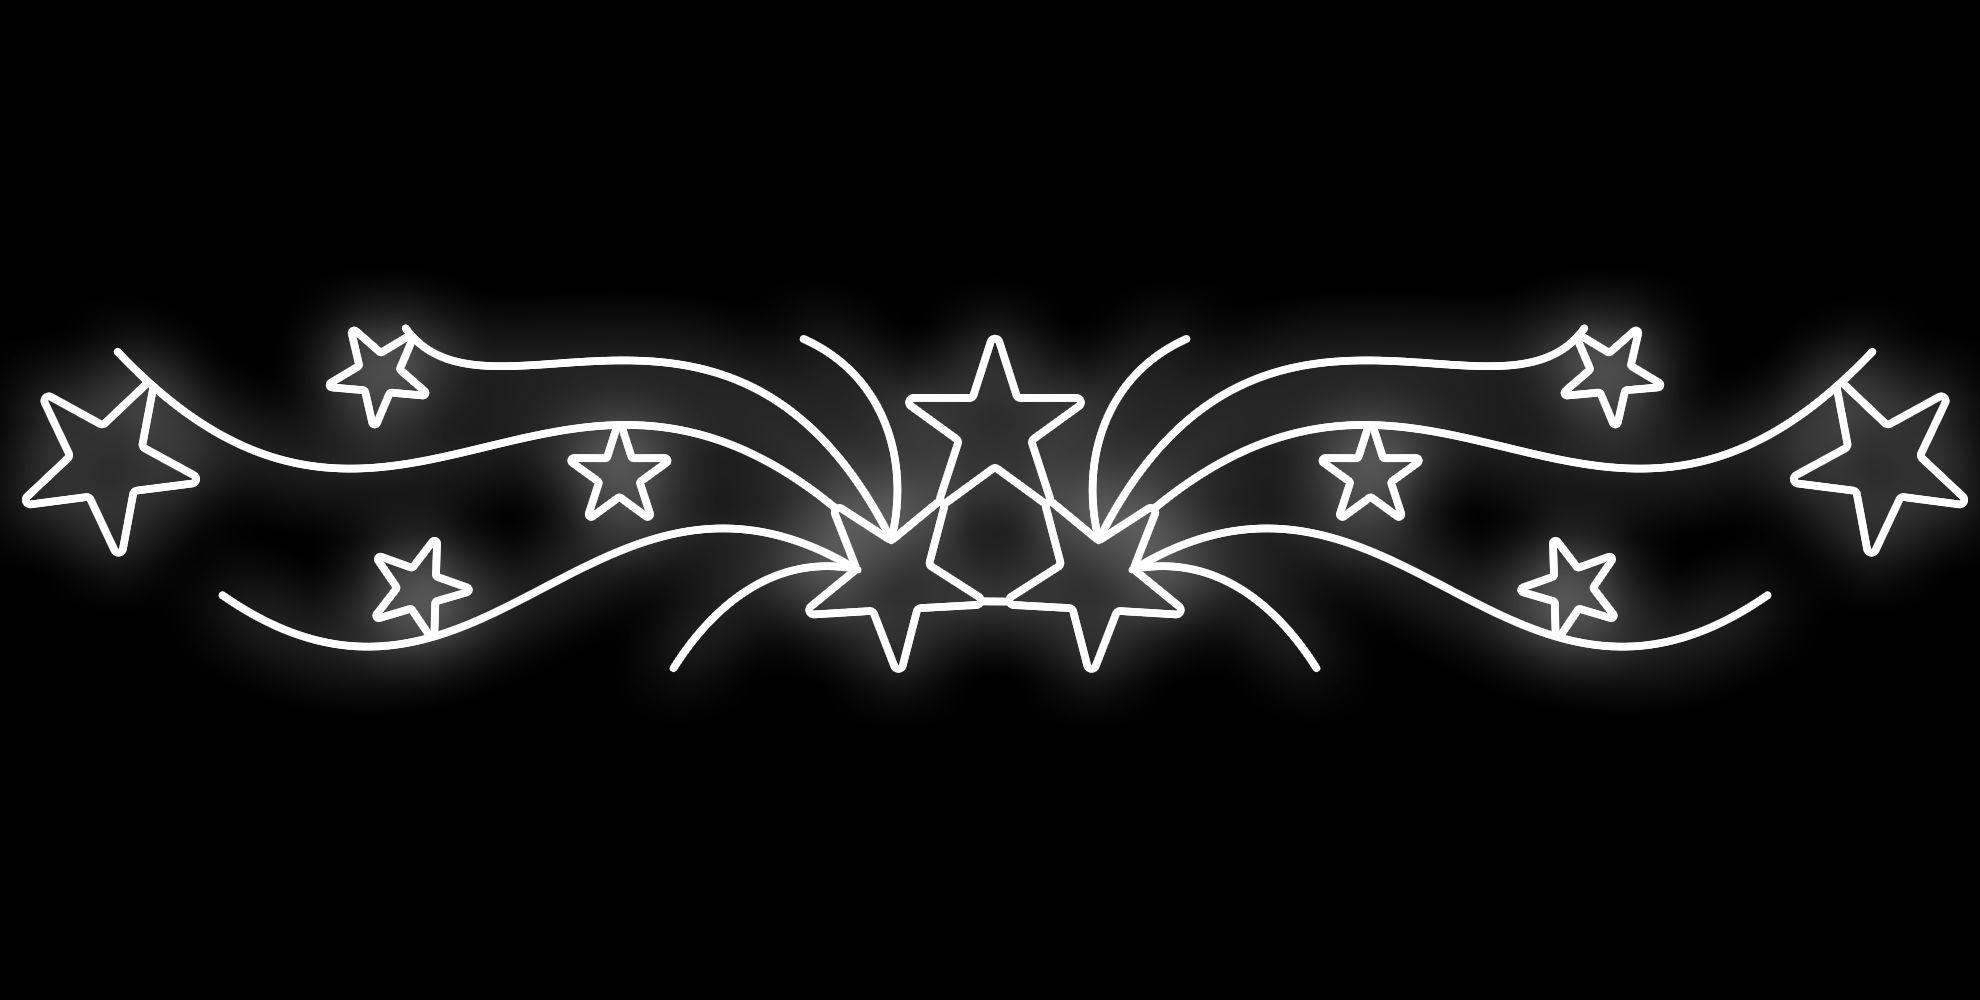 PO-053 - Painel Iluminado Led estrelar  Led - (Veja Opções Tamanhos)